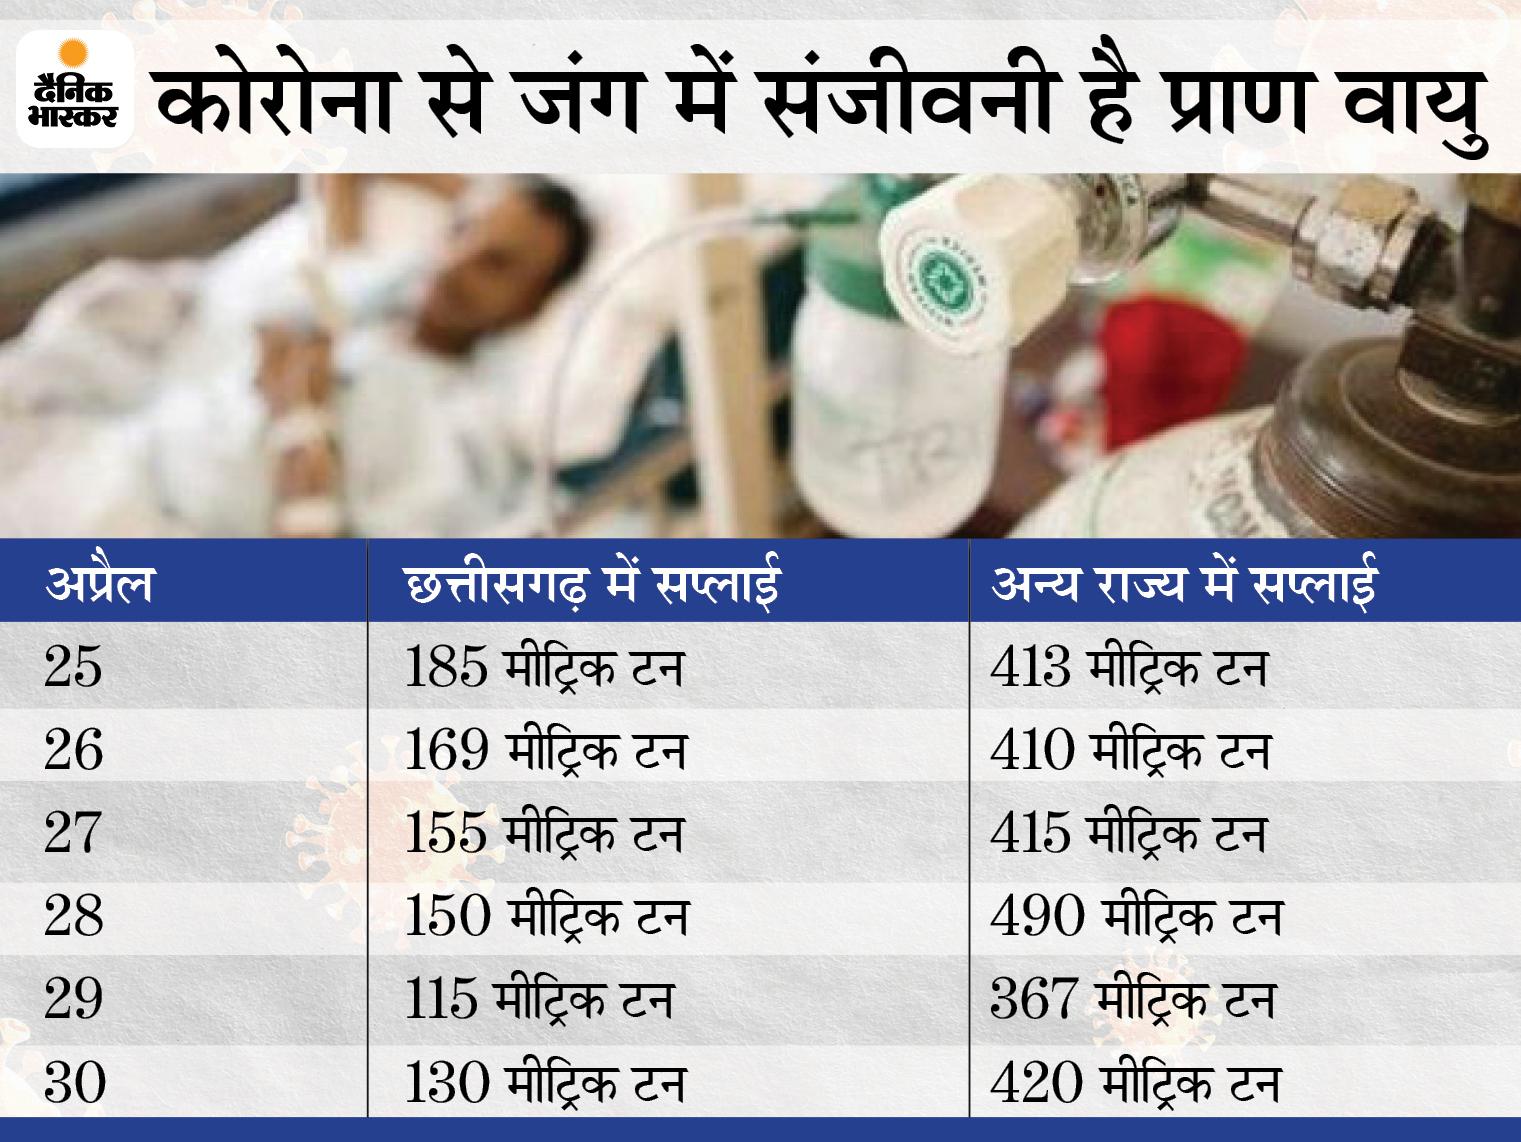 प्लांट में ऑक्सीजन की उत्पादन क्षमता 300, हर दिन बना रहे 350 मीट्रिक टन; कर्मचारी अपना खाना, दिन-रात तक भूले, जिससे बचा रहे जीवन|भिलाई,Bhilai - Dainik Bhaskar